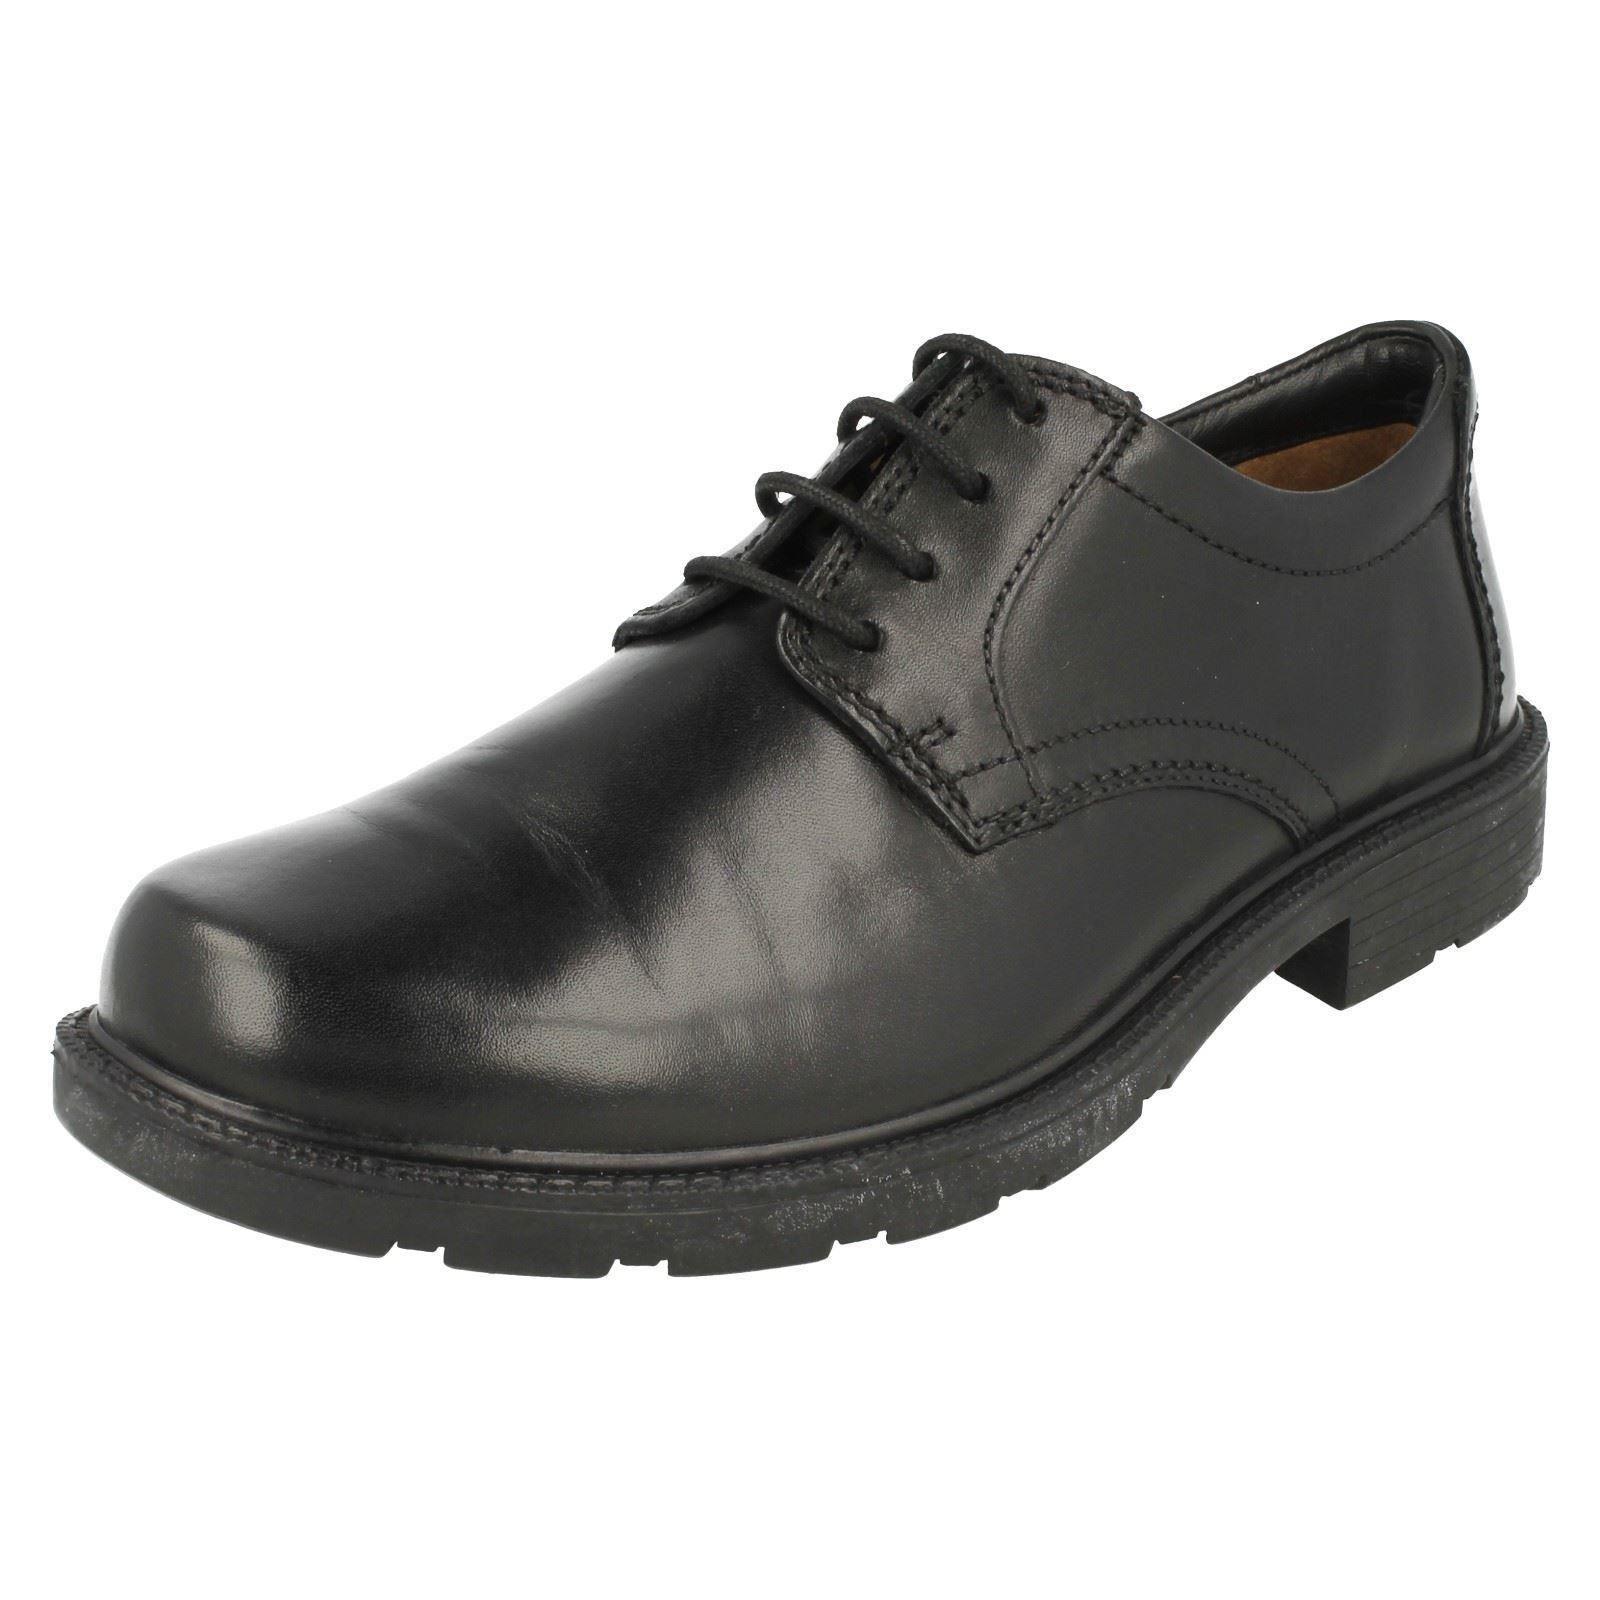 Descuento de la marca Zapatos MELLUSO Hombre CARIBU'/FUMO Cuero natural U51002S